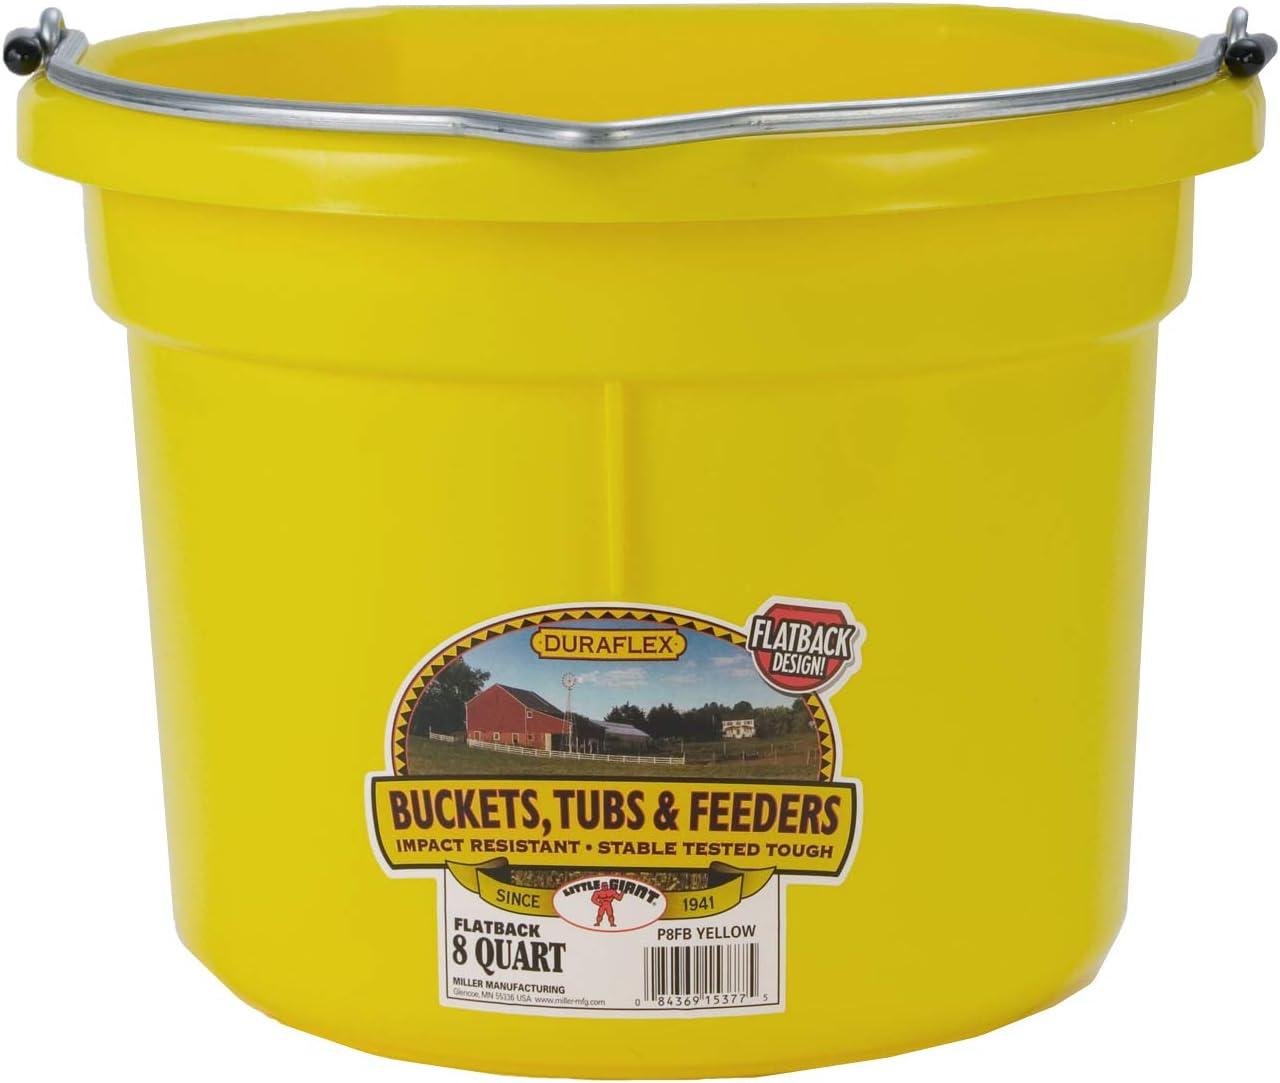 Soporte de pared para alimentación animal y agua cubo Flatback cubo con espalda plana